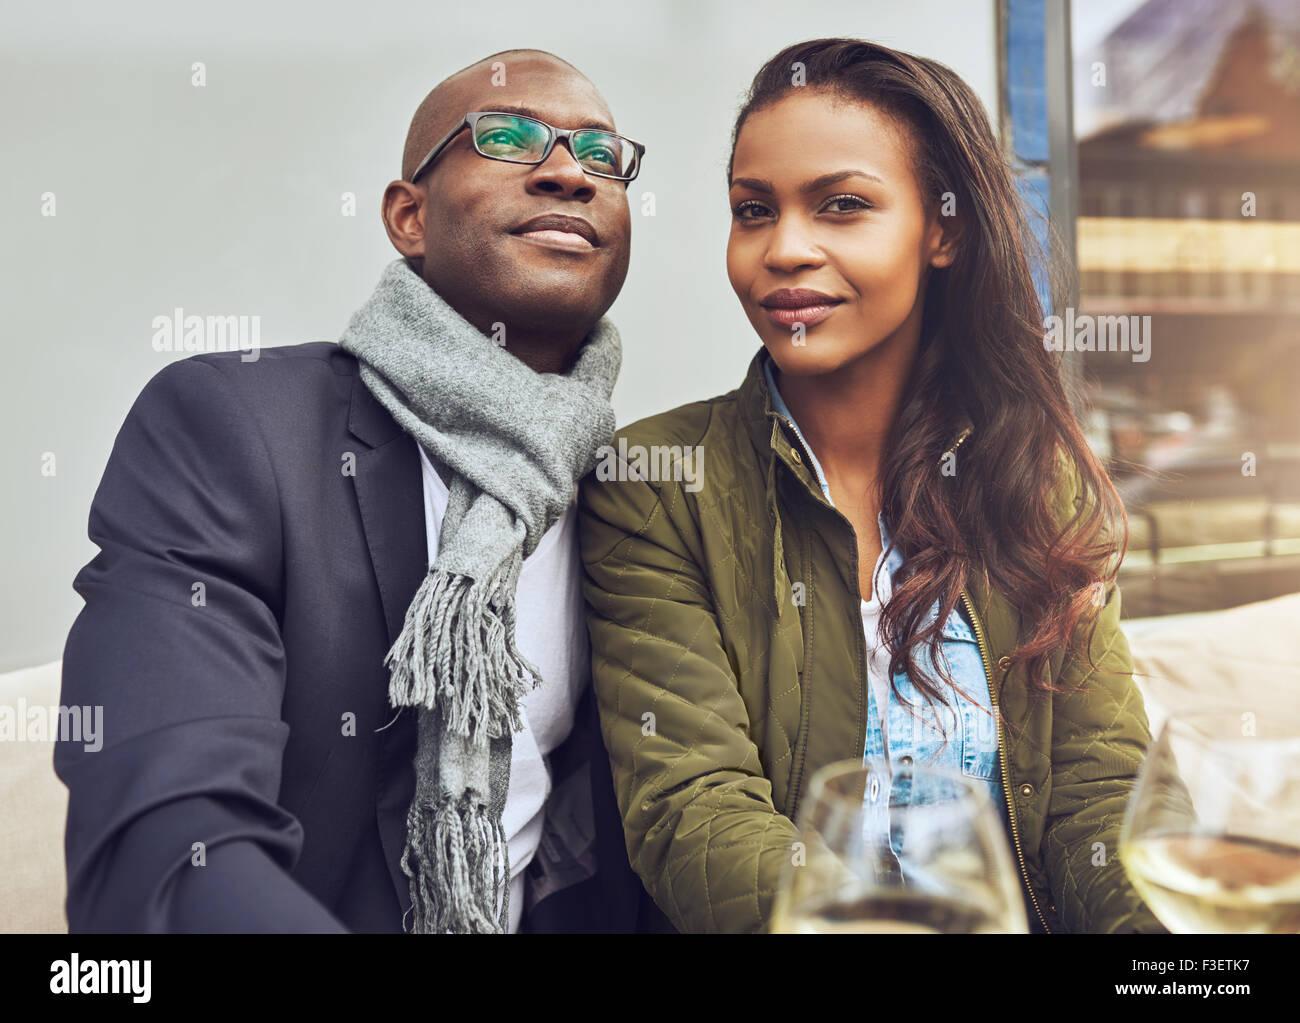 Negro par disfrutar de la vida y dating, vestida a la moda Imagen De Stock